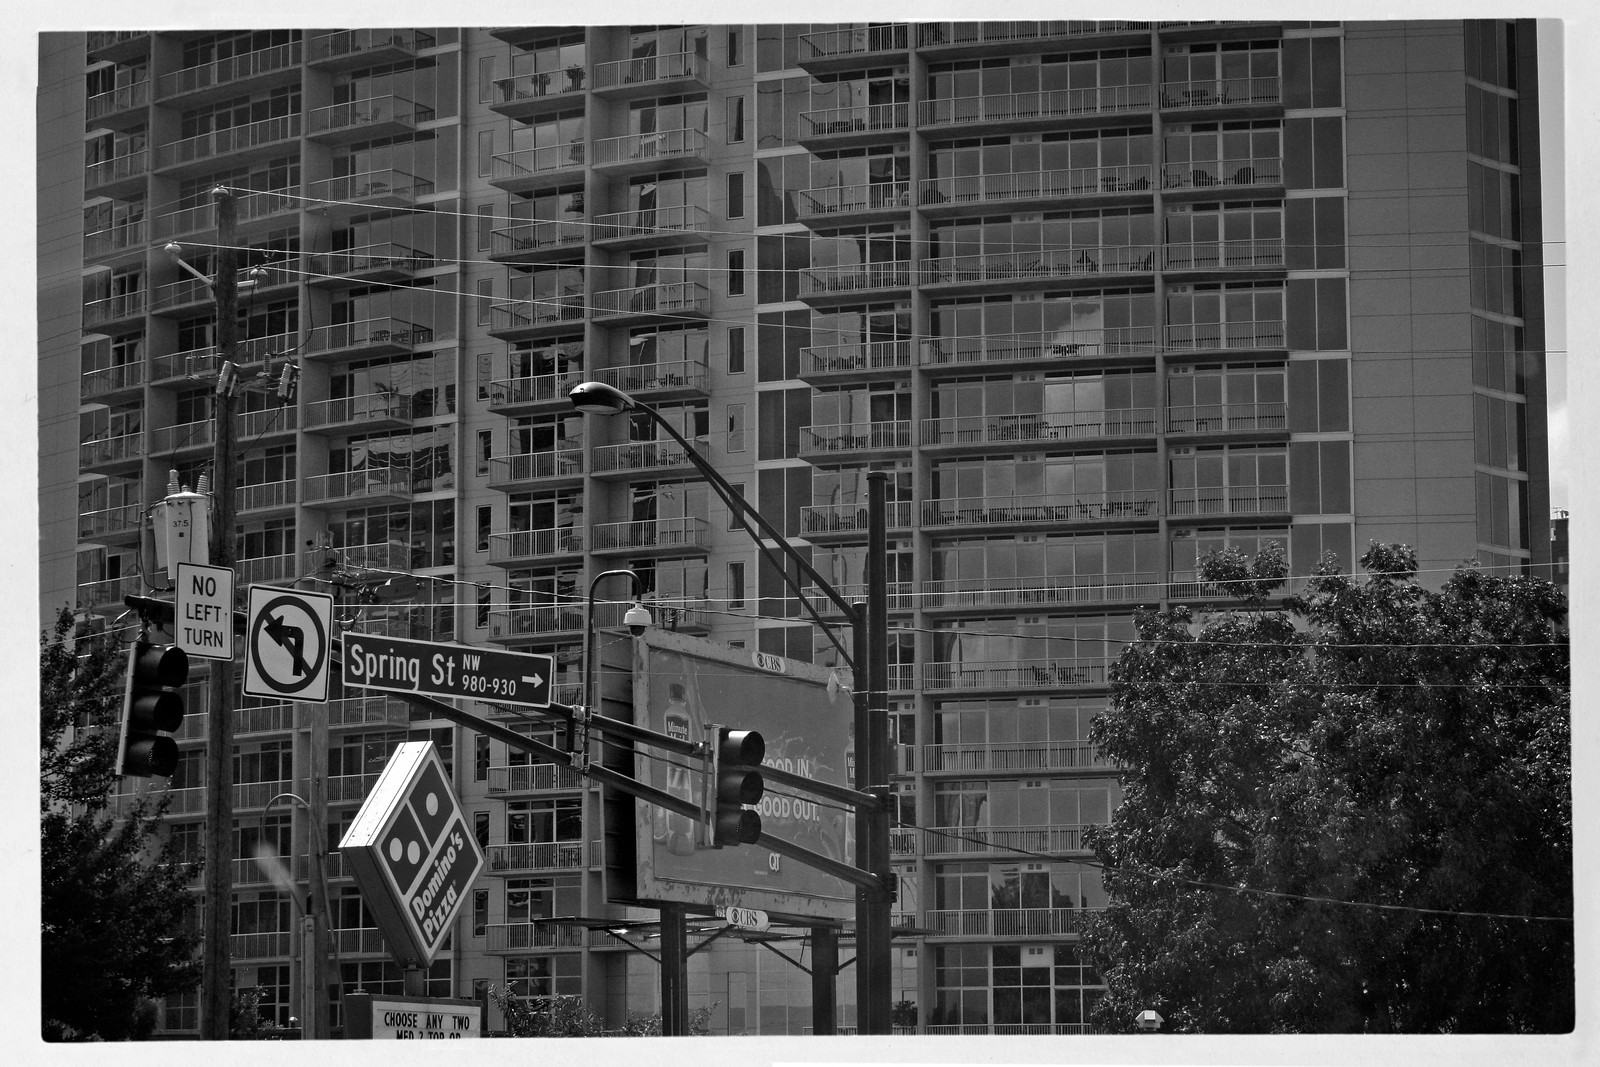 Spring St., Atlanta, 2012